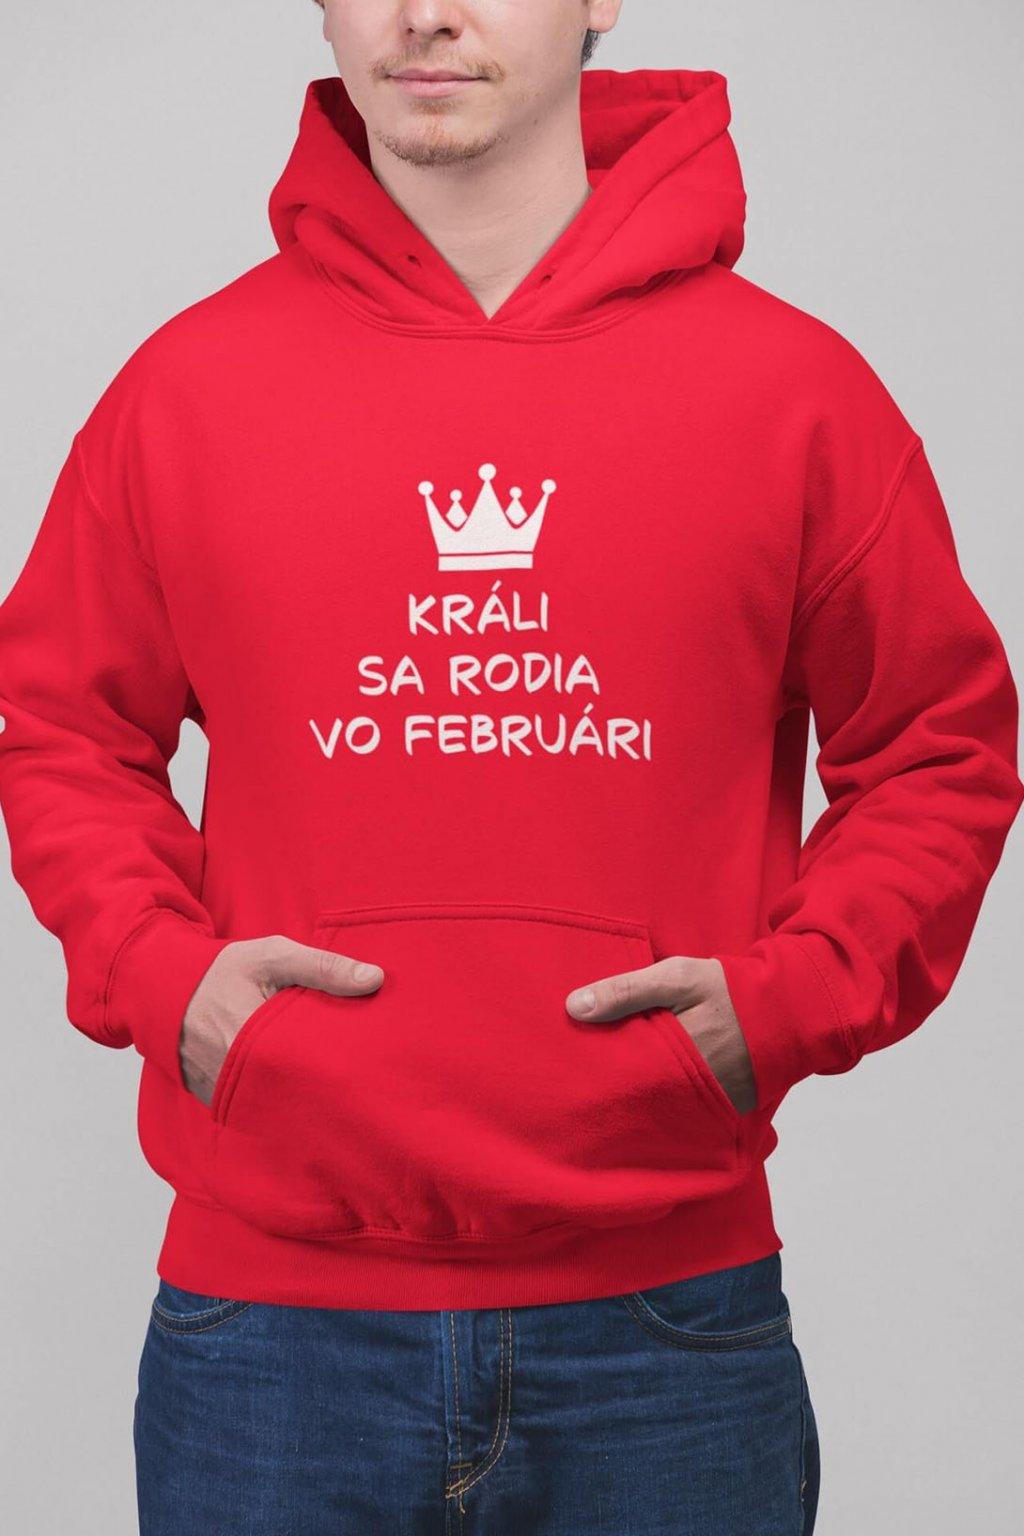 Pánska mikina Králi sa rodia vo februári